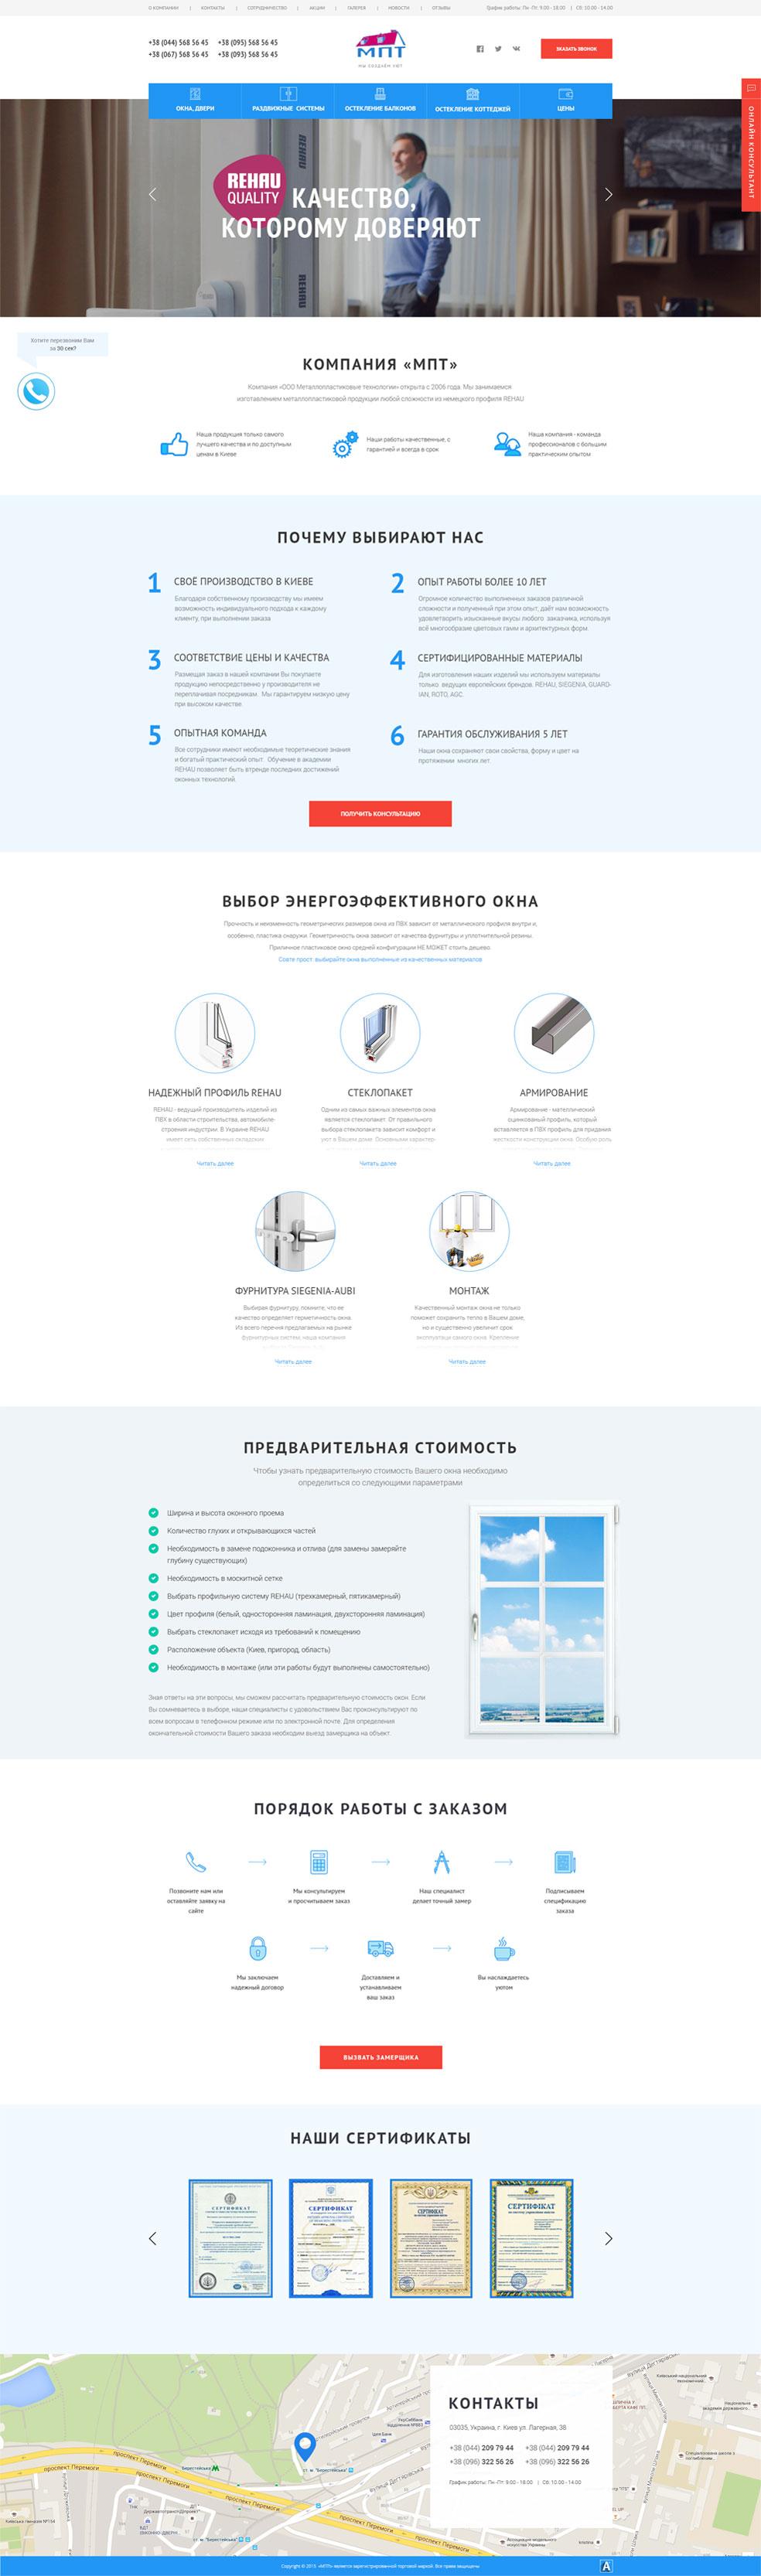 Компания «Металлопластиковые технологии»